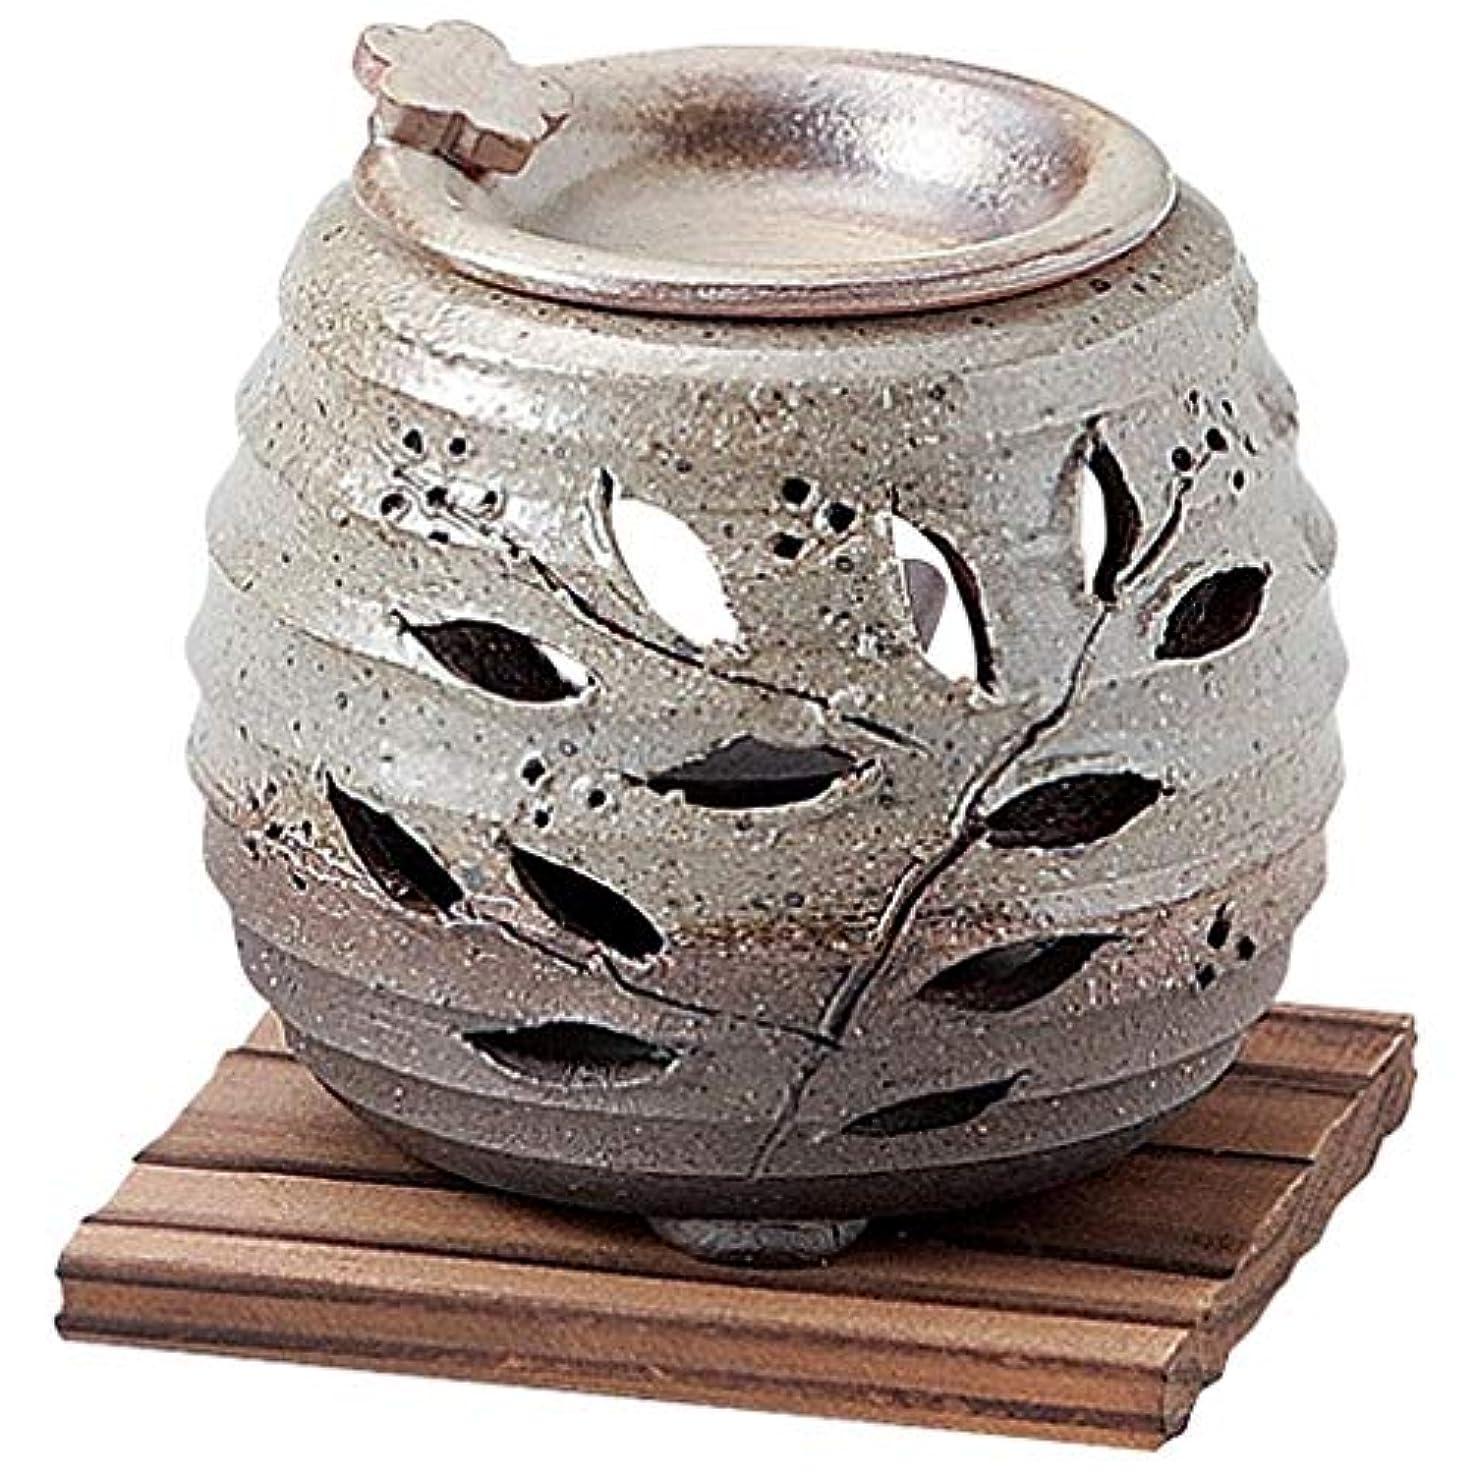 交換可能コメント昇るお部屋の消臭に!■常滑焼【茶香炉】石龍作 緑灰釉花茶香炉(板付)